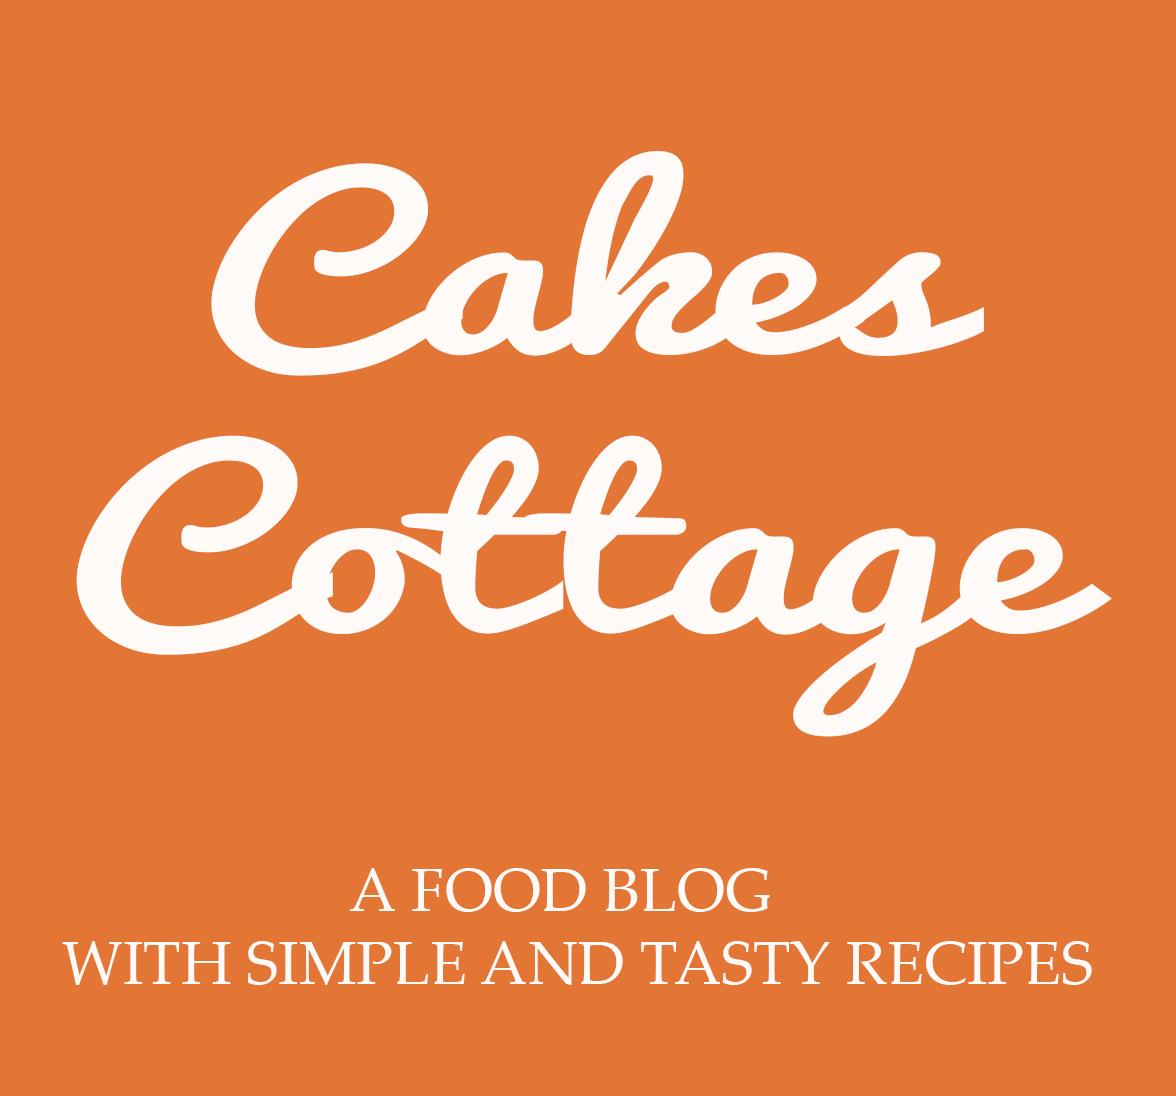 cakescottage.com